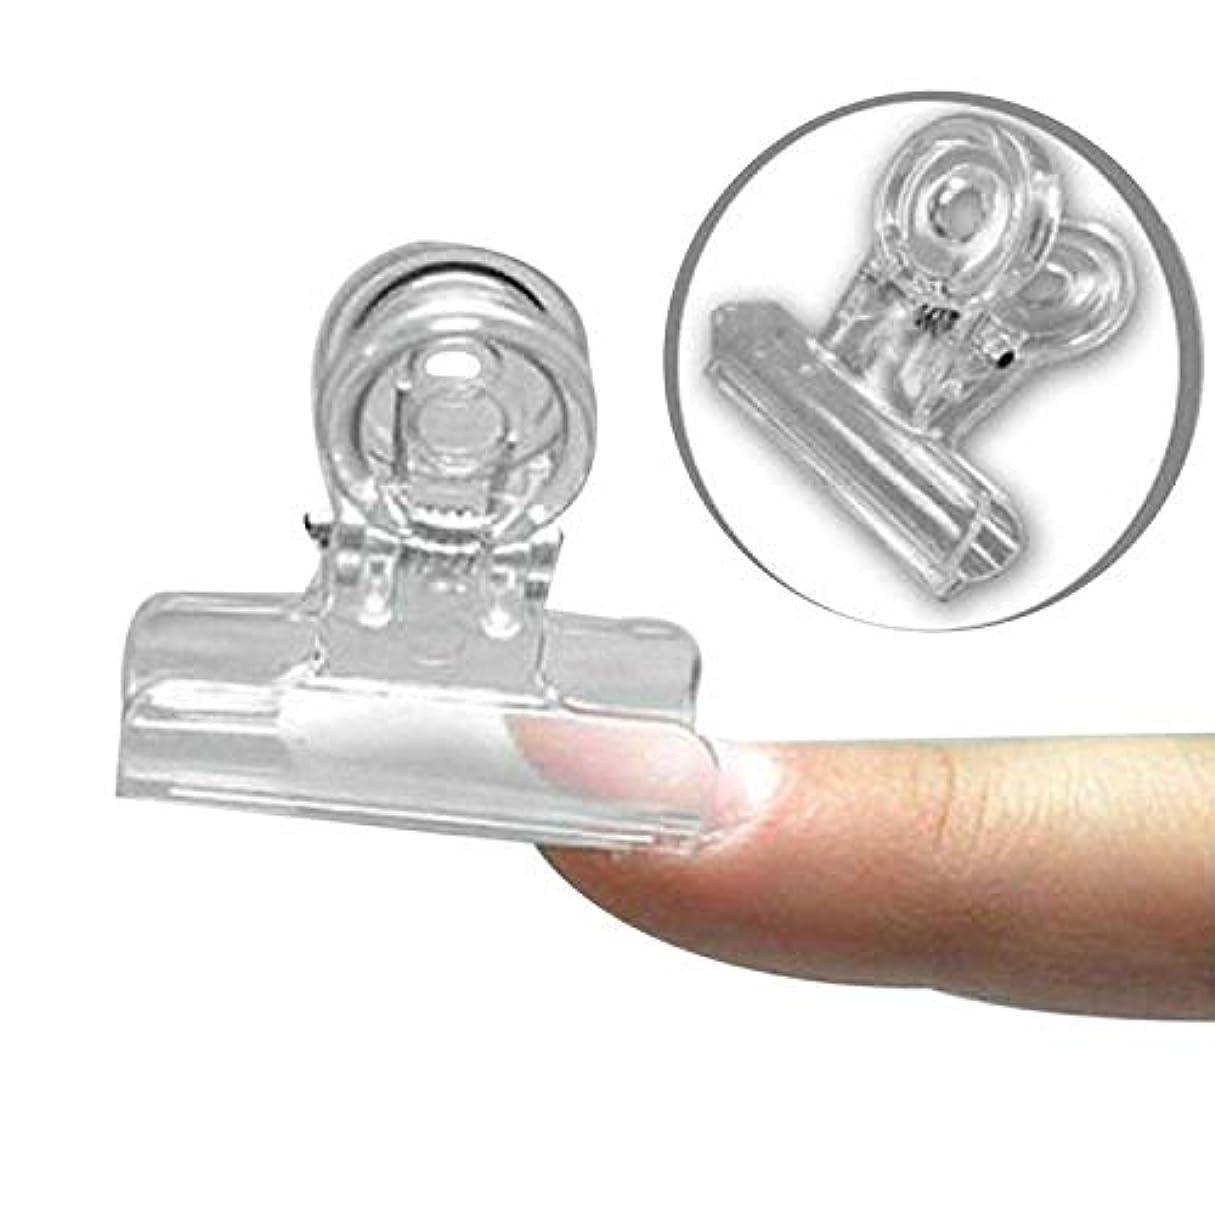 違反光沢倉庫TOOGOO カーブネイルピンチクリップツール多機能プラスチック爪 ランダムカラー(トランスペアレント)